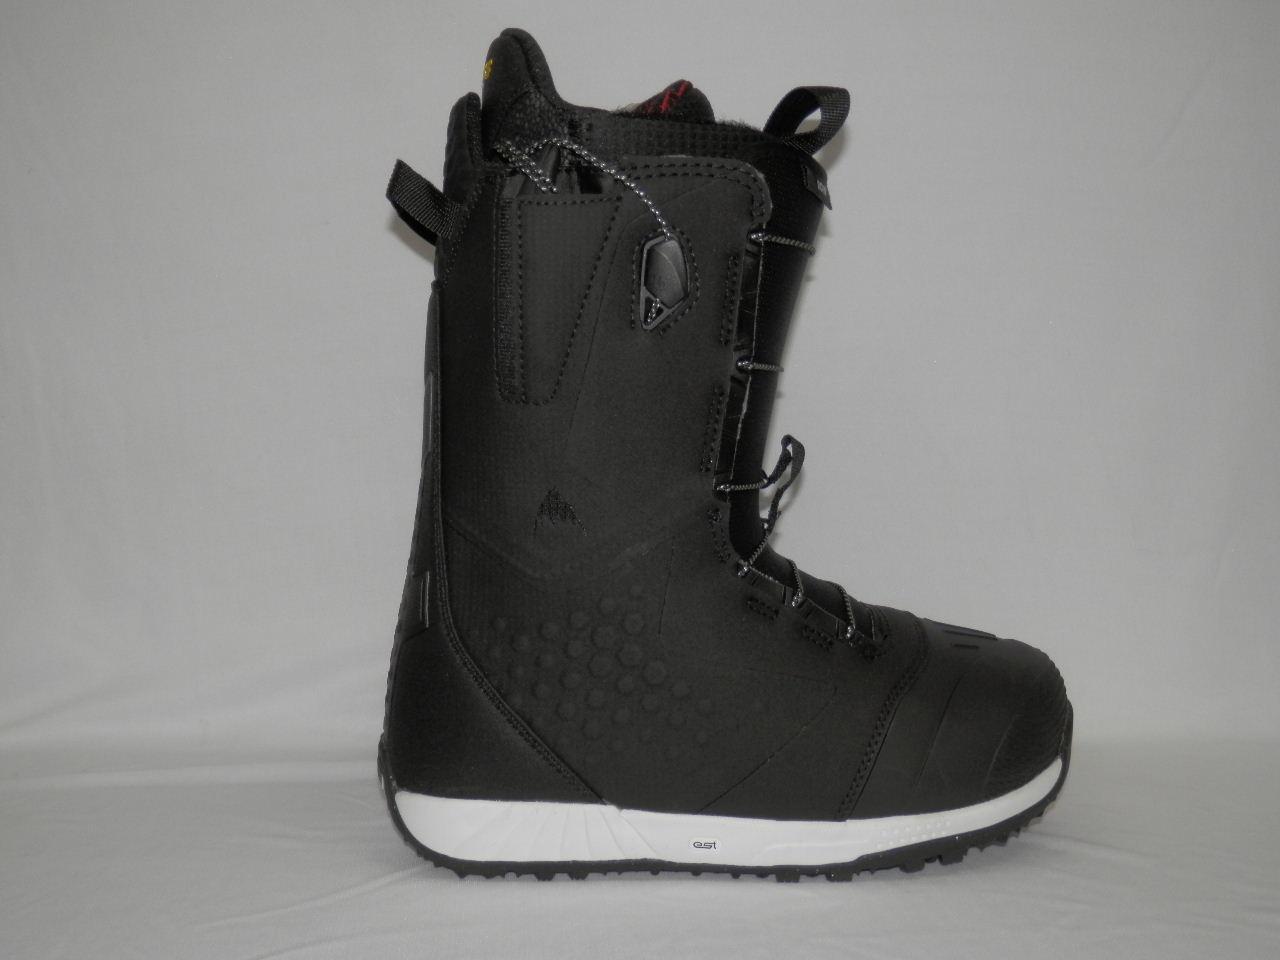 2019年モデル Burton Ion Asianfit Black 正規品につき1年間のメーカー保証付き